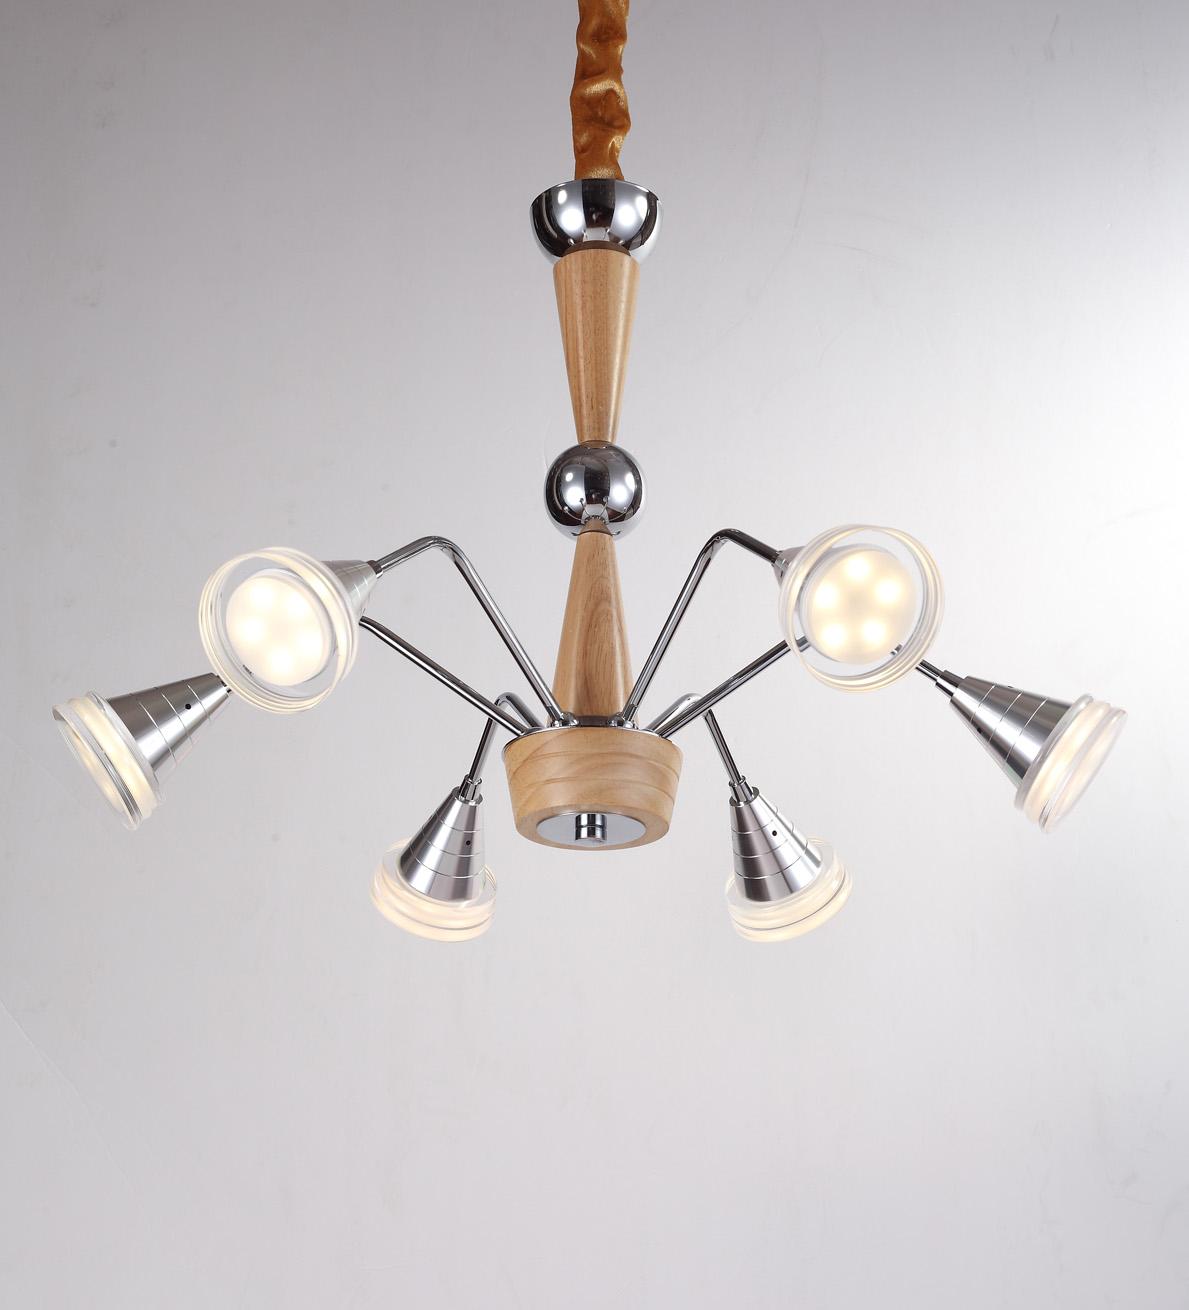 Люстра NaturaЛюстры подвесные<br>&amp;lt;div&amp;gt;Вид цоколя: LED&amp;lt;/div&amp;gt;&amp;lt;div&amp;gt;Мощность: &amp;amp;nbsp;5W&amp;amp;nbsp;&amp;lt;/div&amp;gt;&amp;lt;div&amp;gt;Количество ламп: 6&amp;lt;/div&amp;gt;<br><br>Material: Дерево<br>Высота см: 79